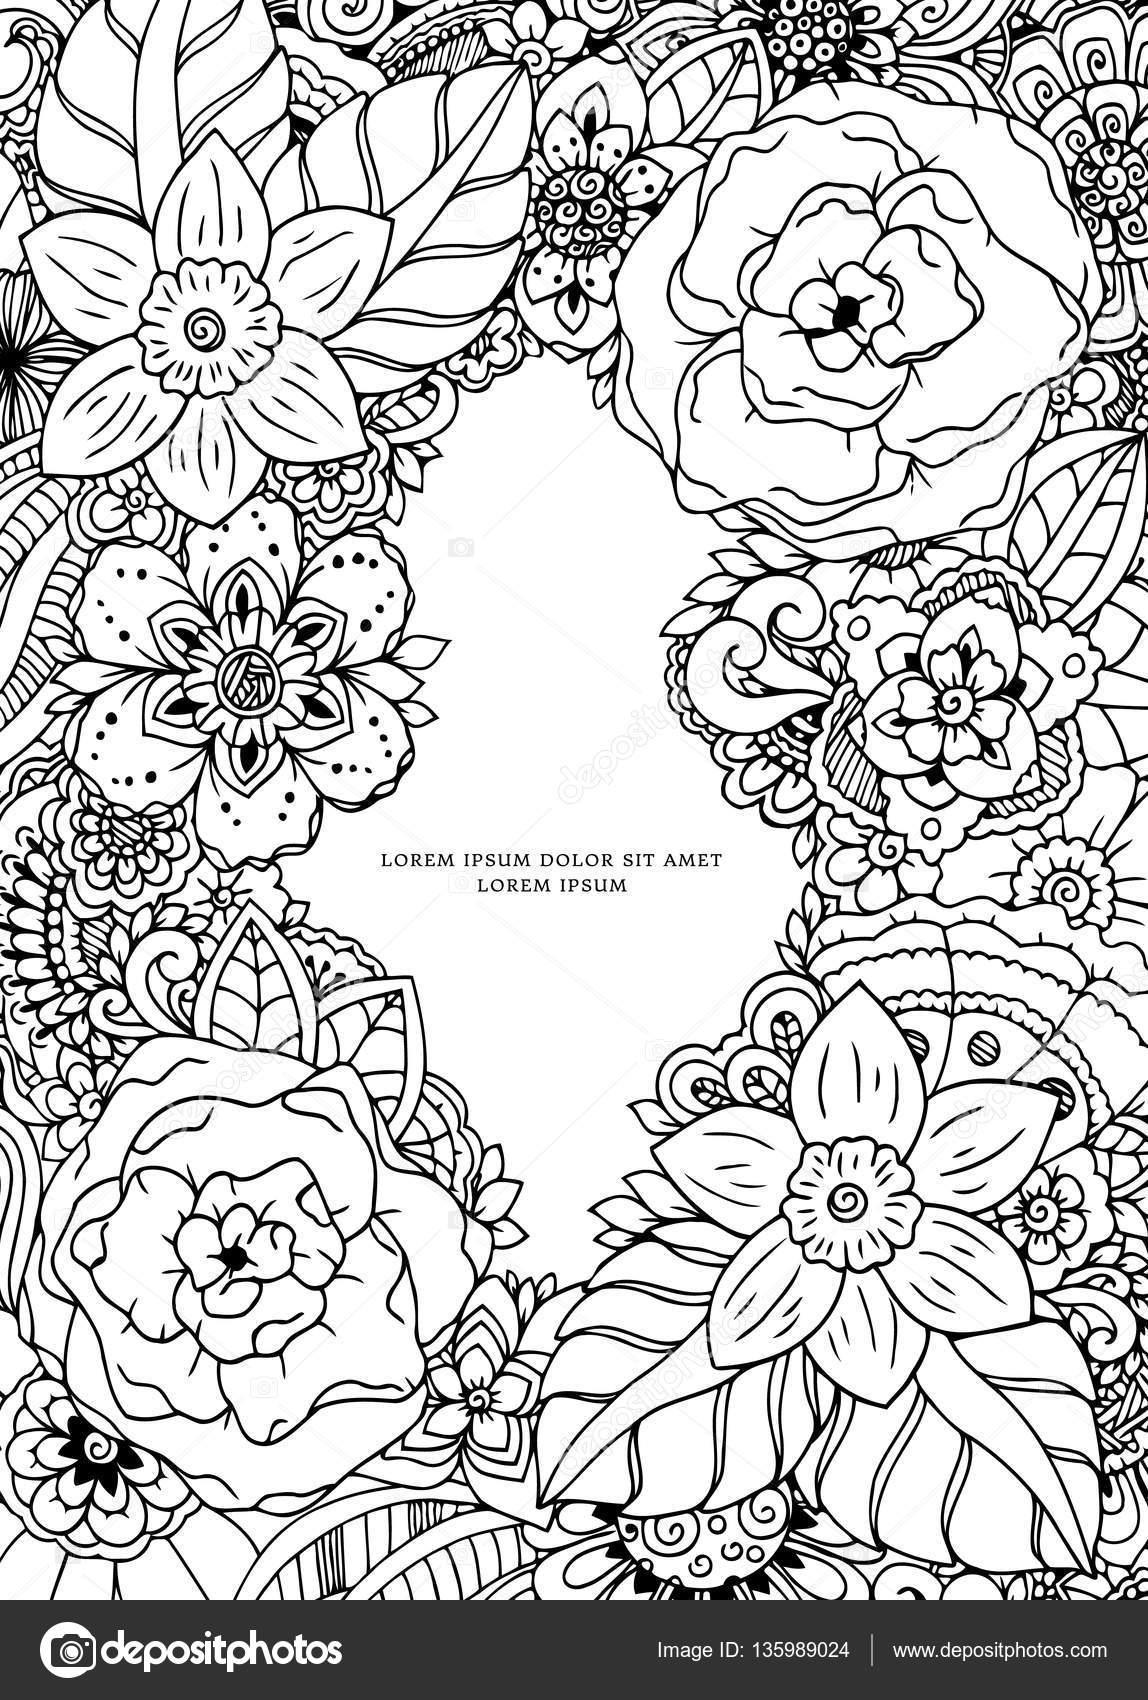 Dibujos: para colorear adultos antiestres | Vector ilustración